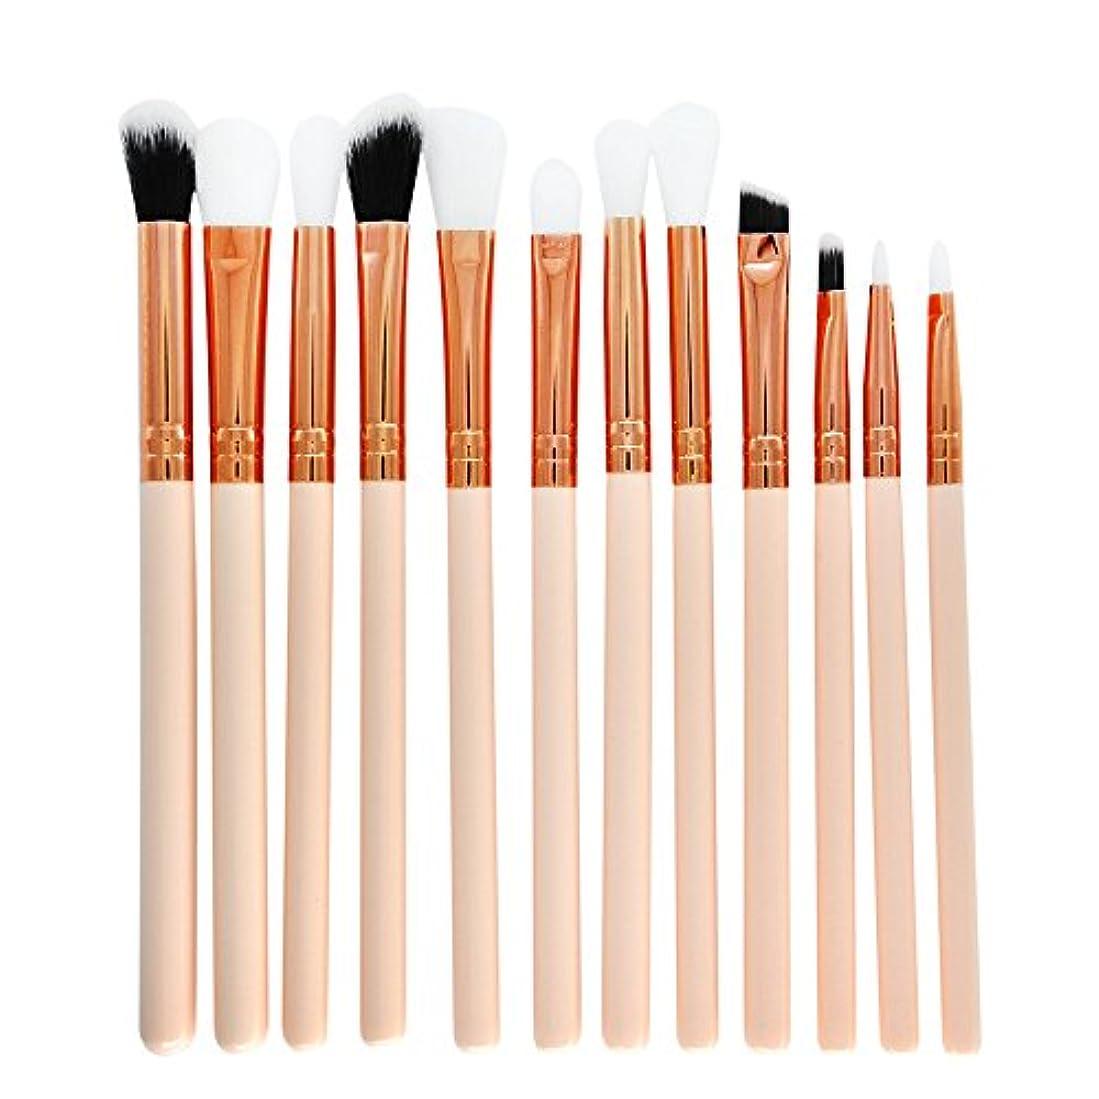 落ち着いた親愛なサーバ12 本セット化粧筆   メイクアップブラシセット アイシャドウメイクブラシ  コスメチック化粧ブラシキットビューティーツール (ホワイト)